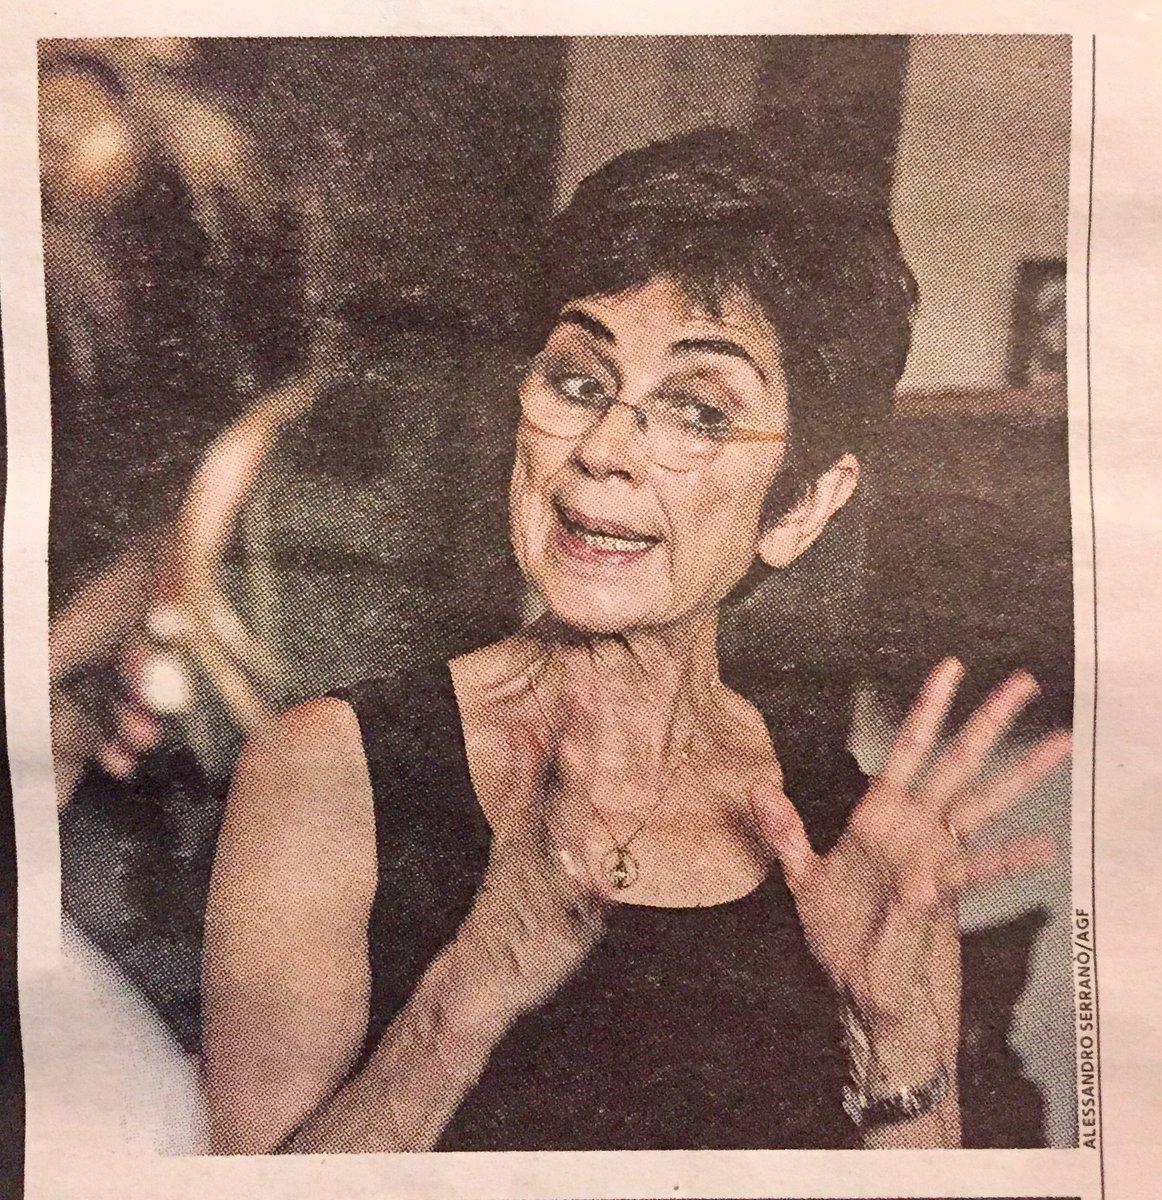 🏝«È stato sempre lì.(...) Una notte ho deciso di riaccendere il suo computer. (...) C'è sempre stata, sul desktop, la cartella Quaderni. Non l'avevo mai aperta»: così la moglie di José Saramago, Pilar del Río (in foto), ha scoperto il diario inedito. Lo racconta a @concitadeg